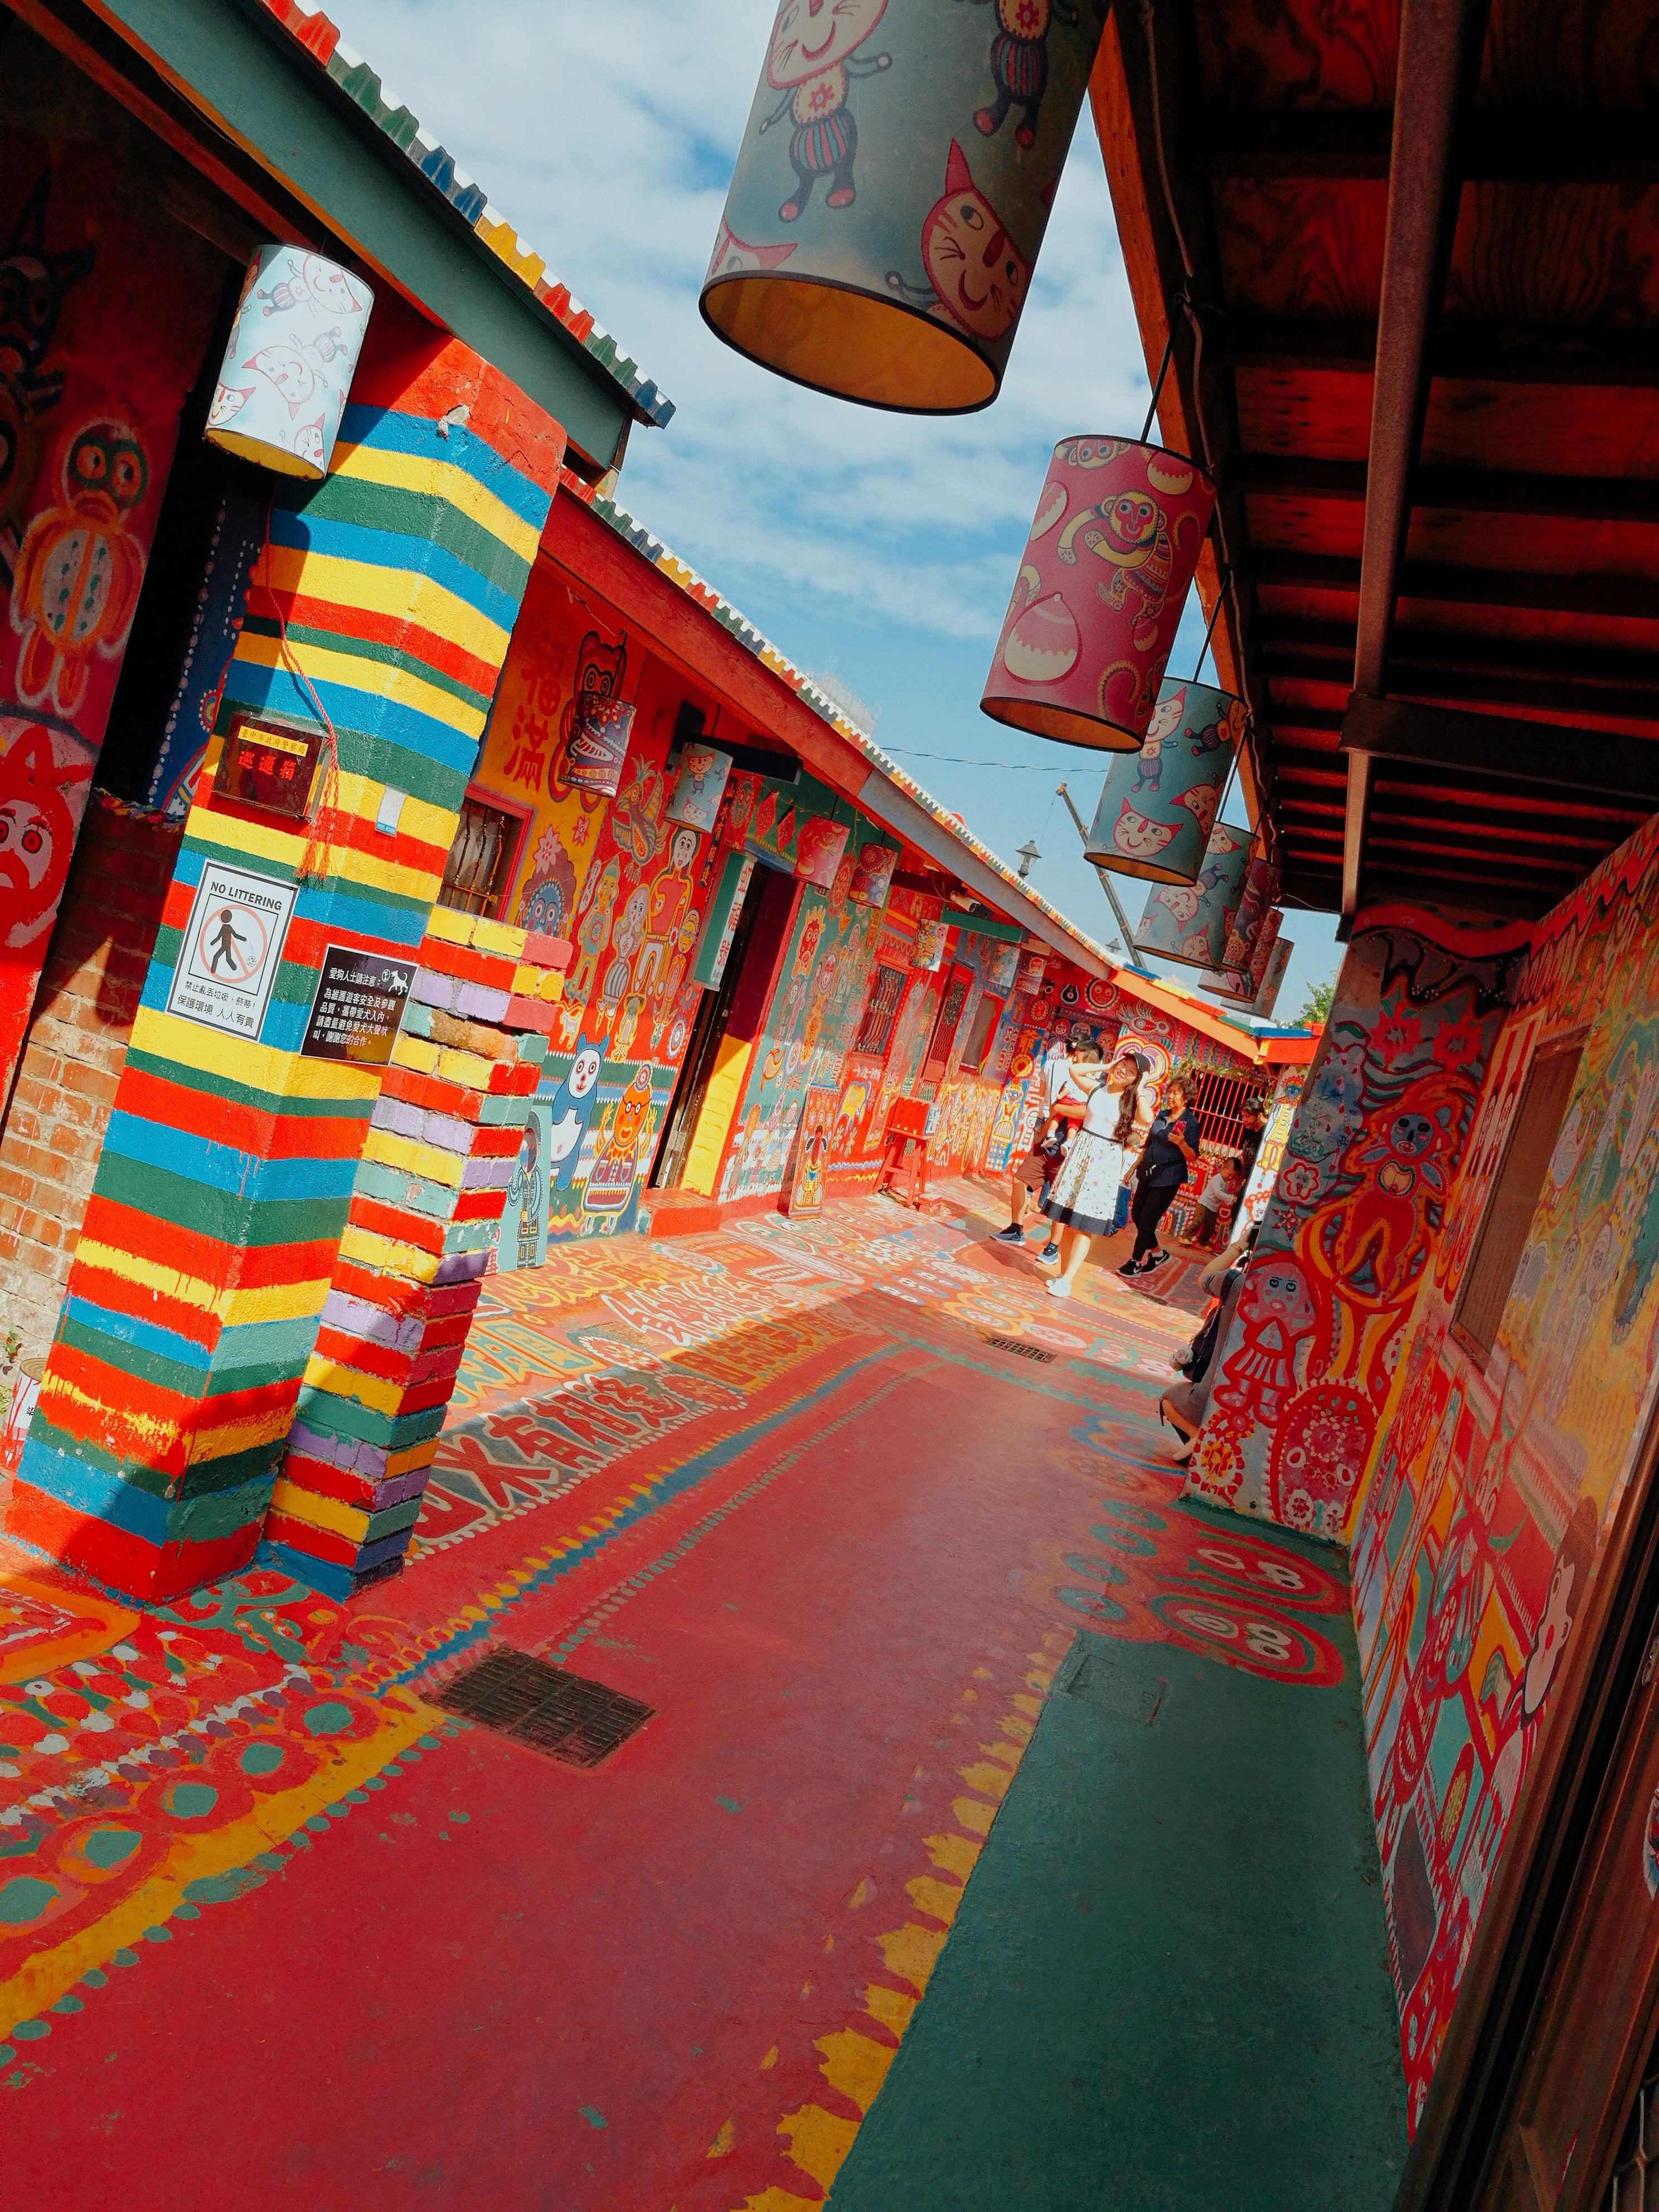 【台湾】台湾にいくならアートの村台中へgo_4